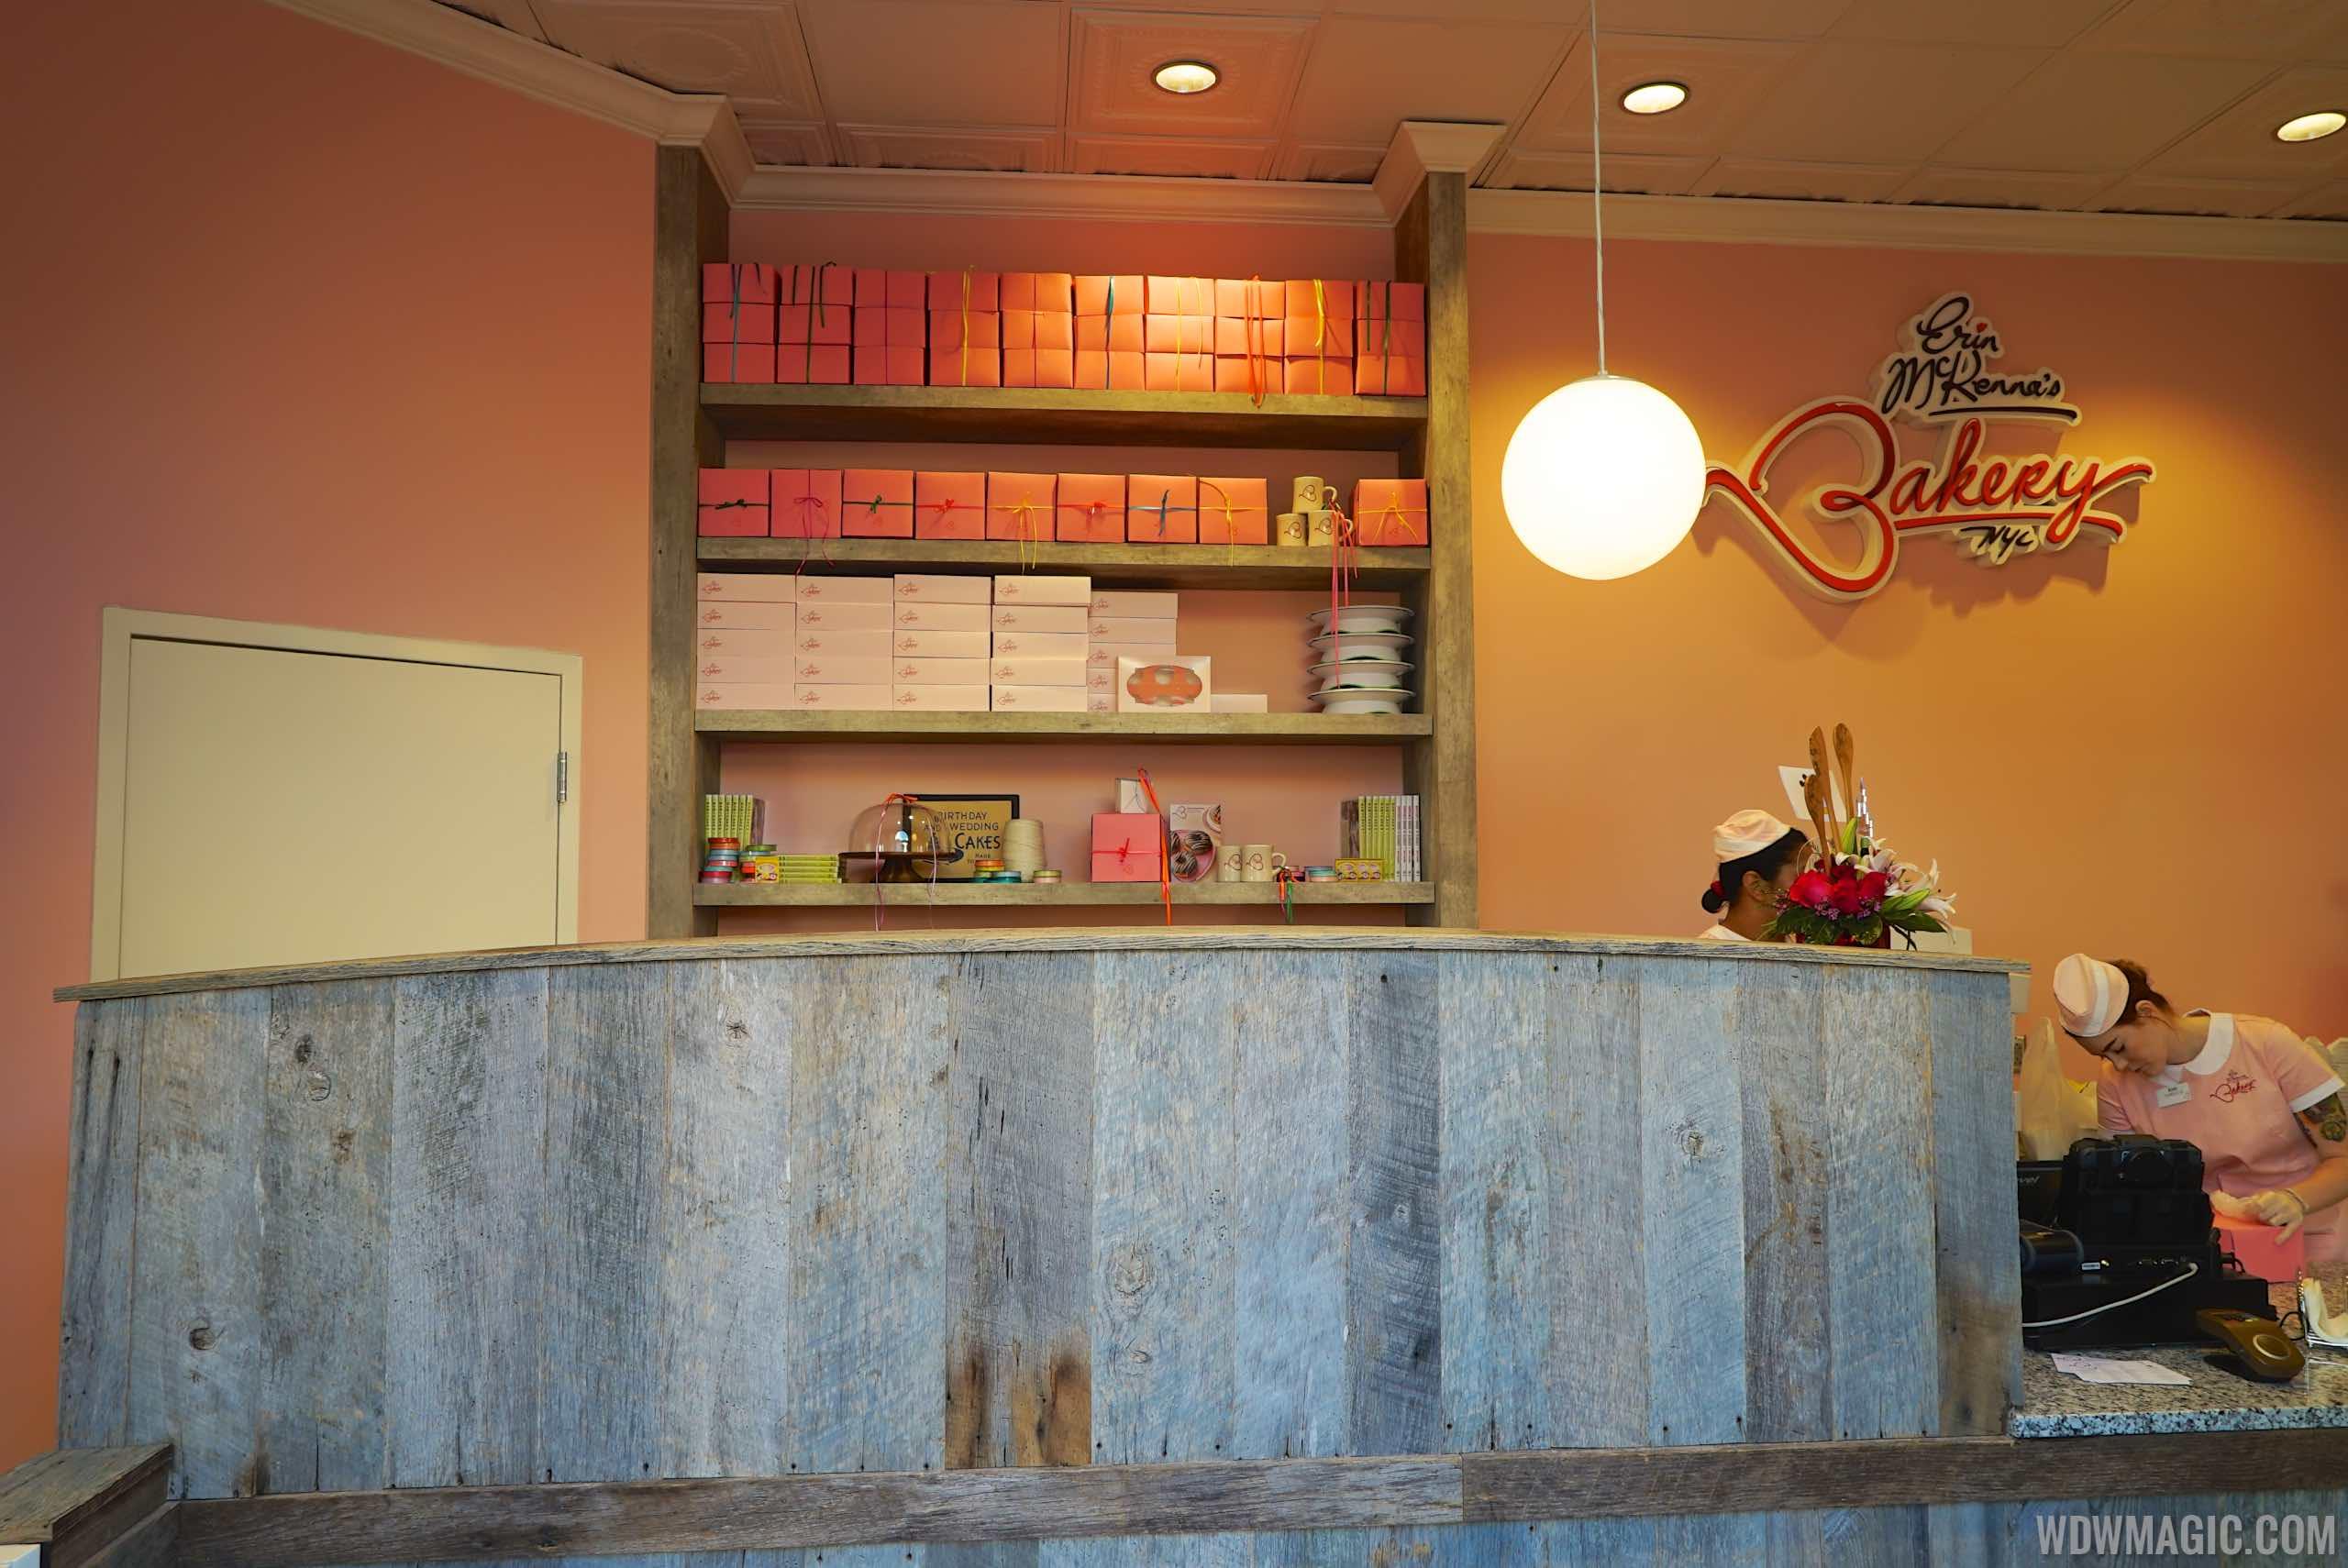 InsideErin McKenna's Bakery NYC